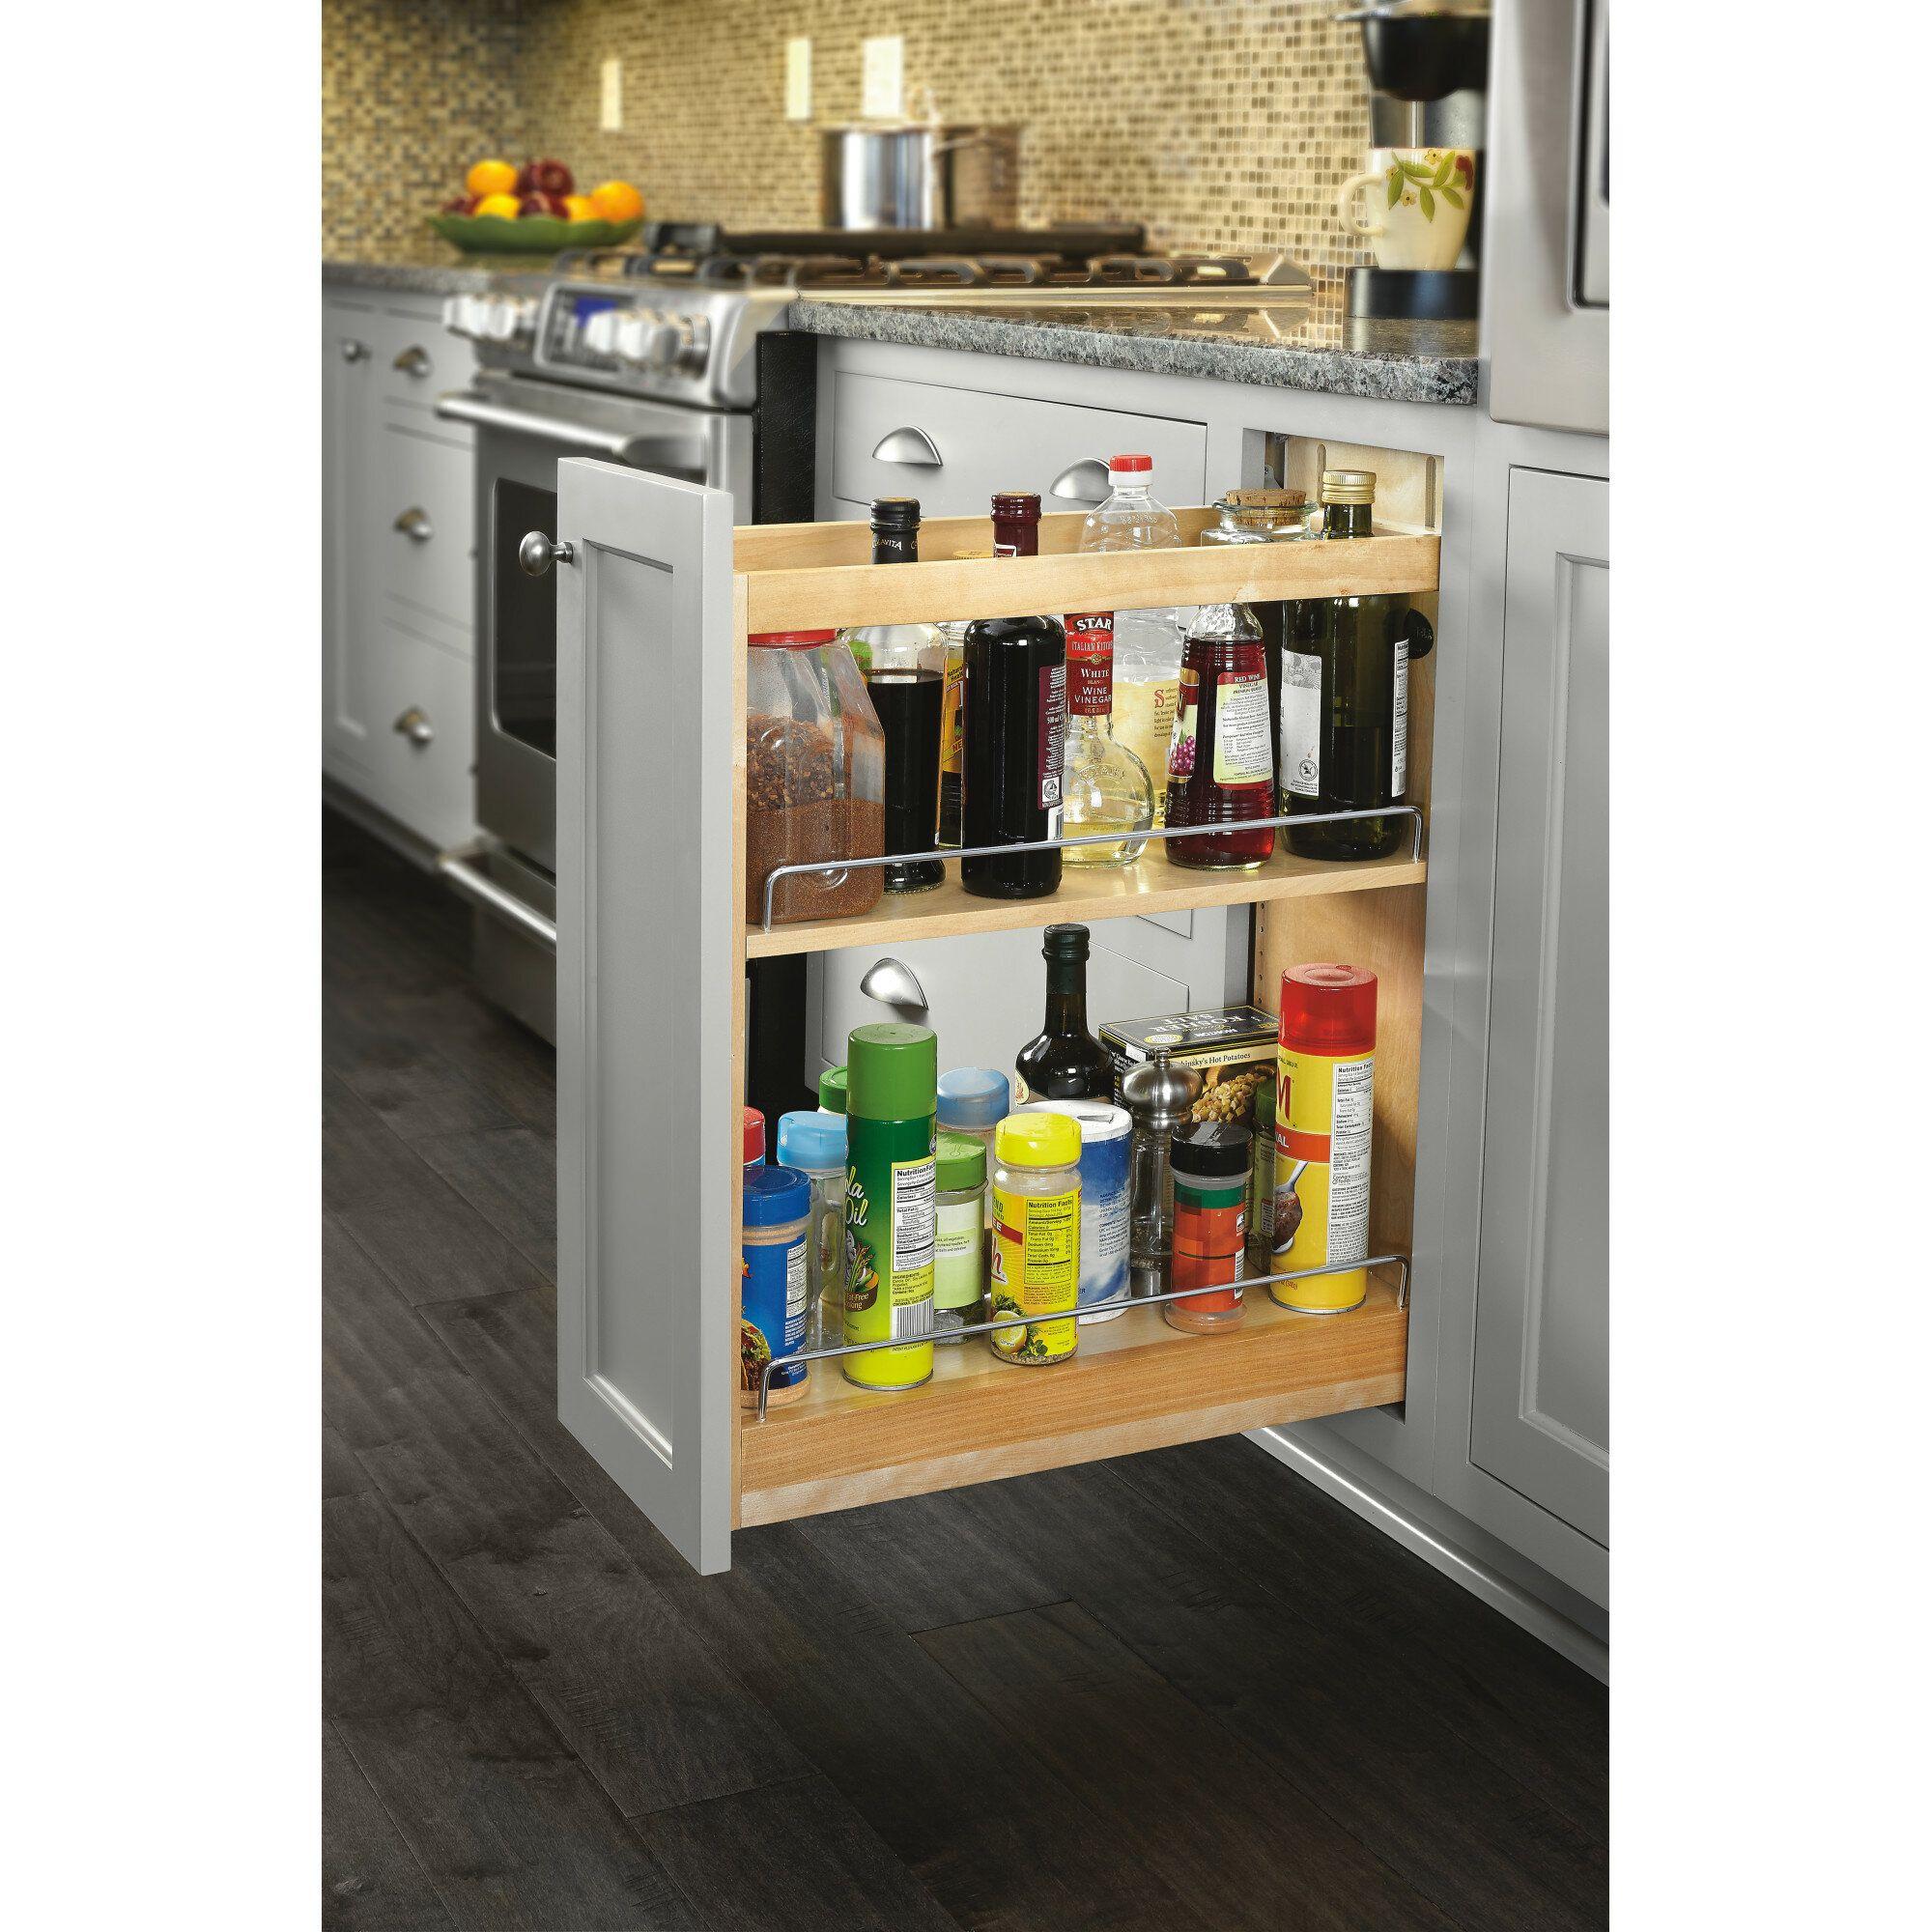 Google Image Result For Https Secure Img1 Fg Wfcdn Com Im 29033989 Compr R85 6033 60331464 Soft Close Base Kitchen Pantry Design Pantry Design Pantry Cabinet